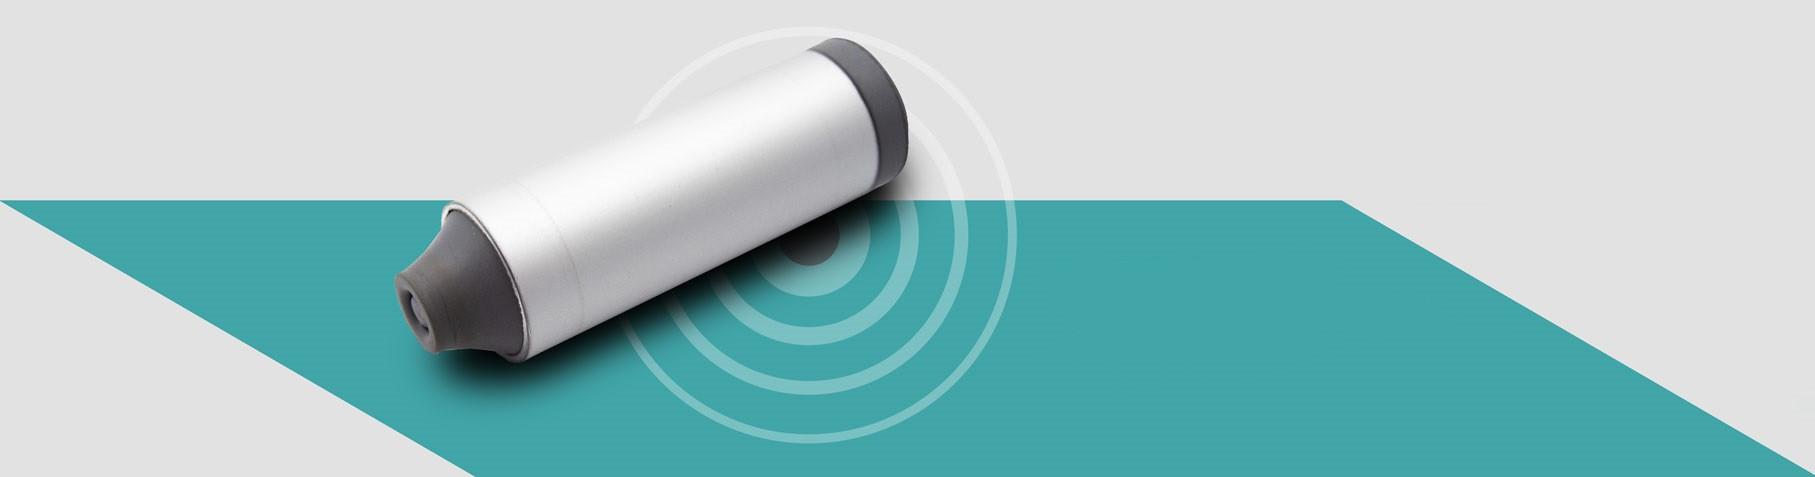 VITHRA - sensori antintrusione per applicazioni speciali